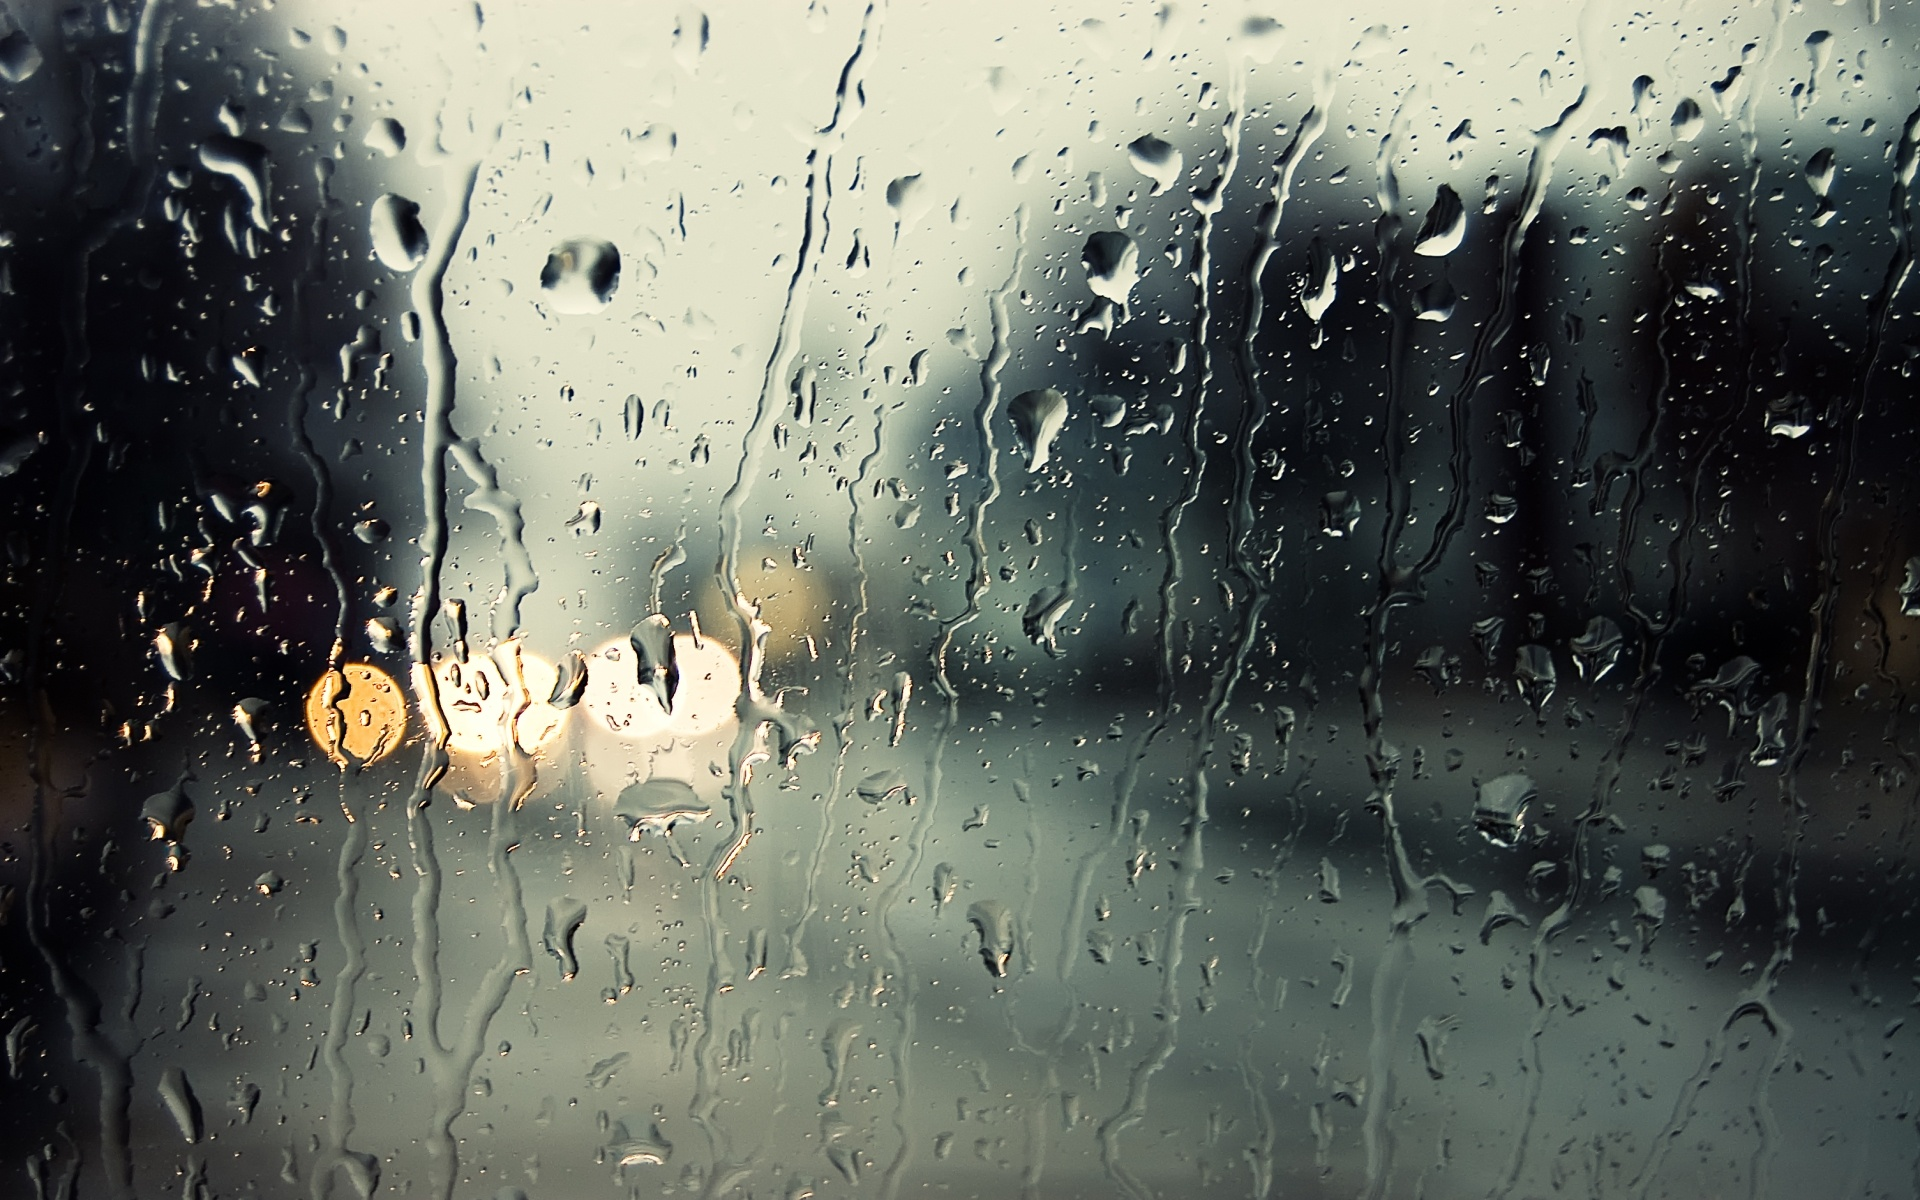 Rain #02 Image Rain #03 Image ...